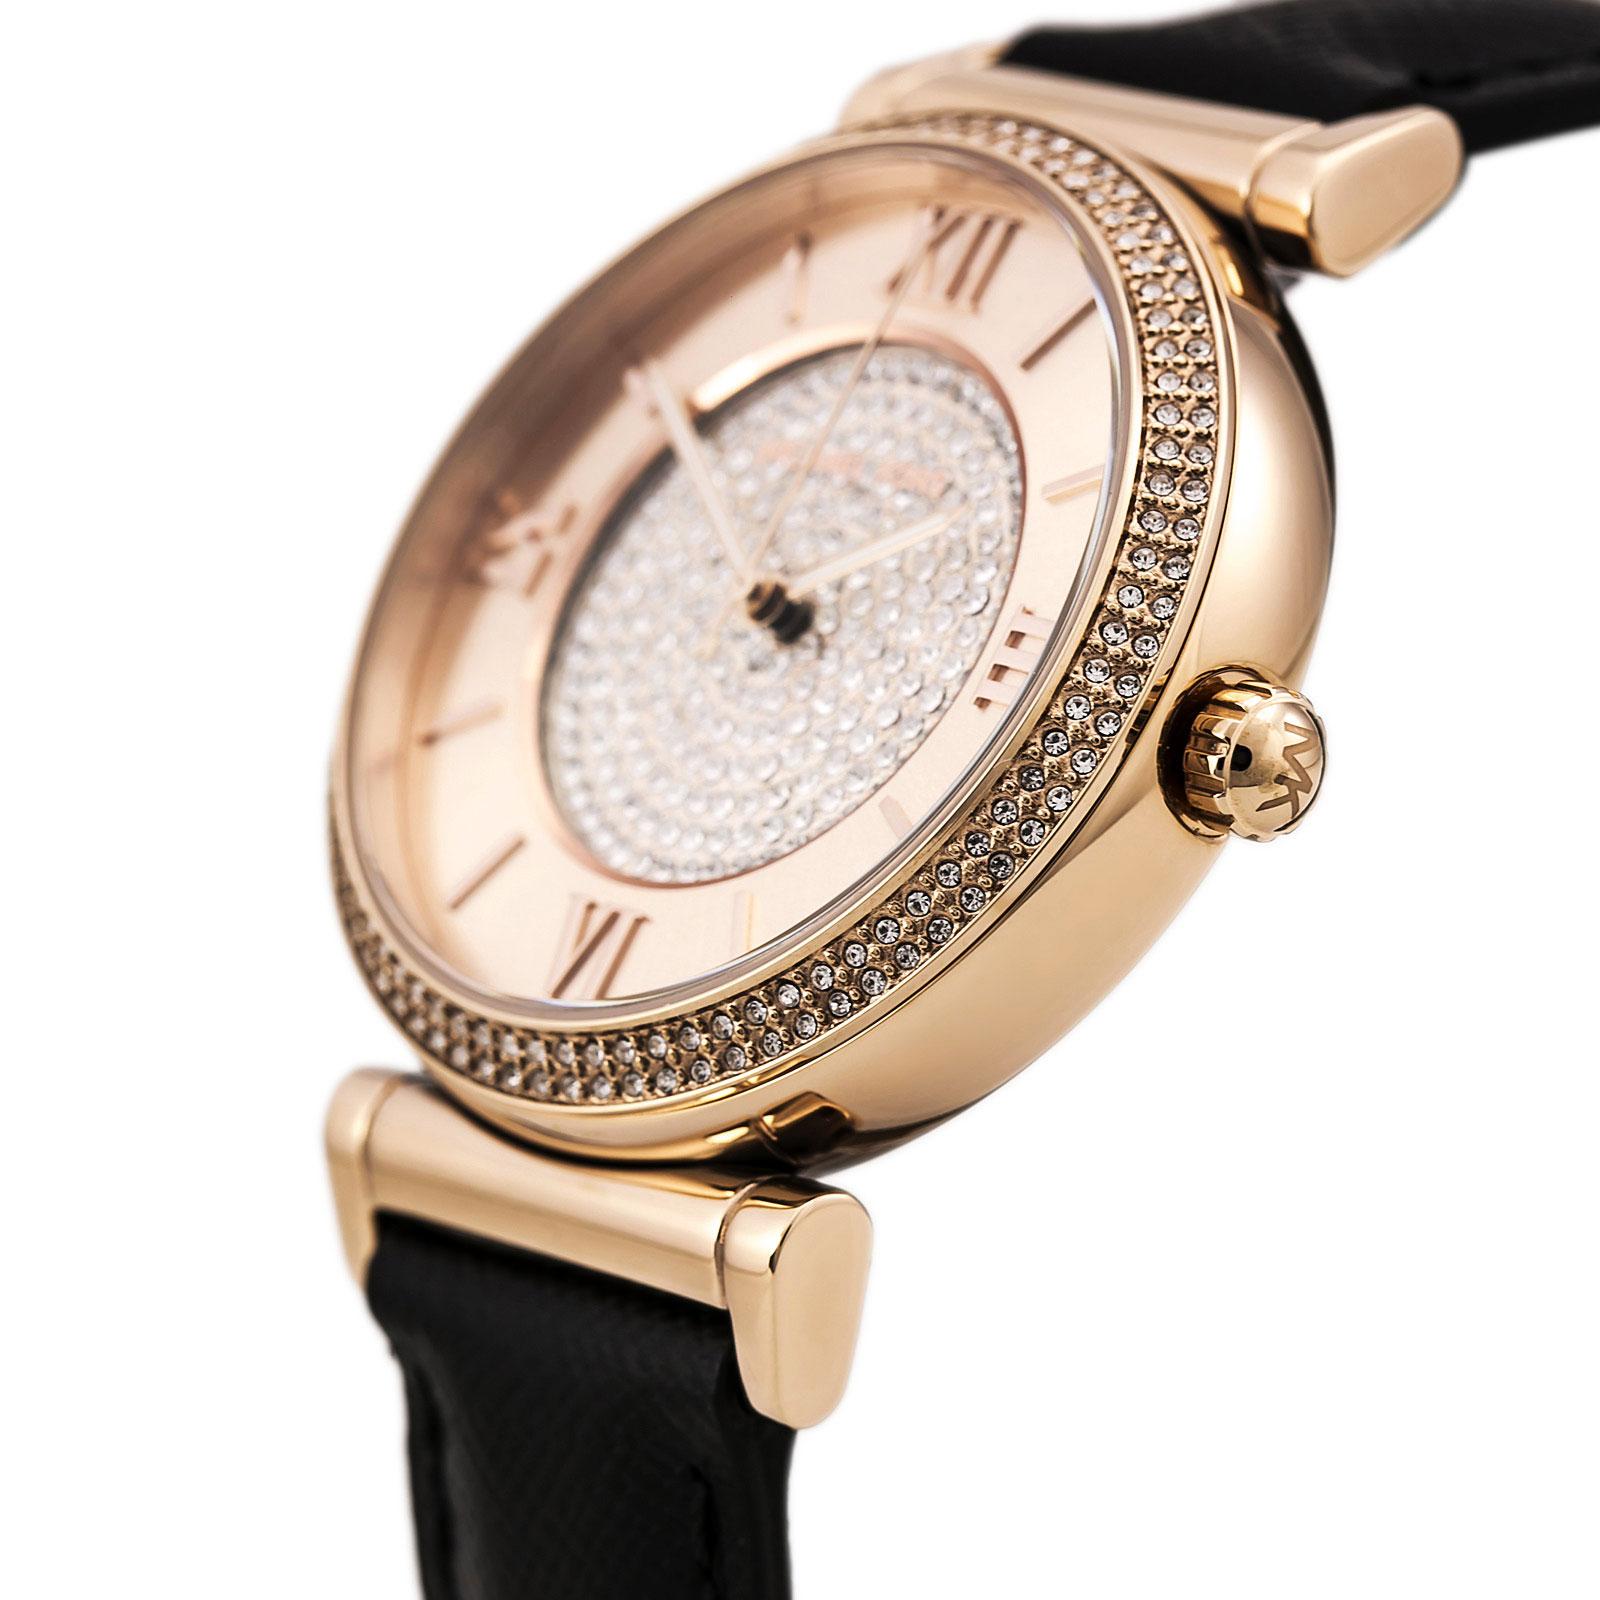 美國Outlet 正品代購 MichaelKors MK 玫瑰金鑲鑽 黑色皮帶三環計時手錶腕錶 MK2376 3